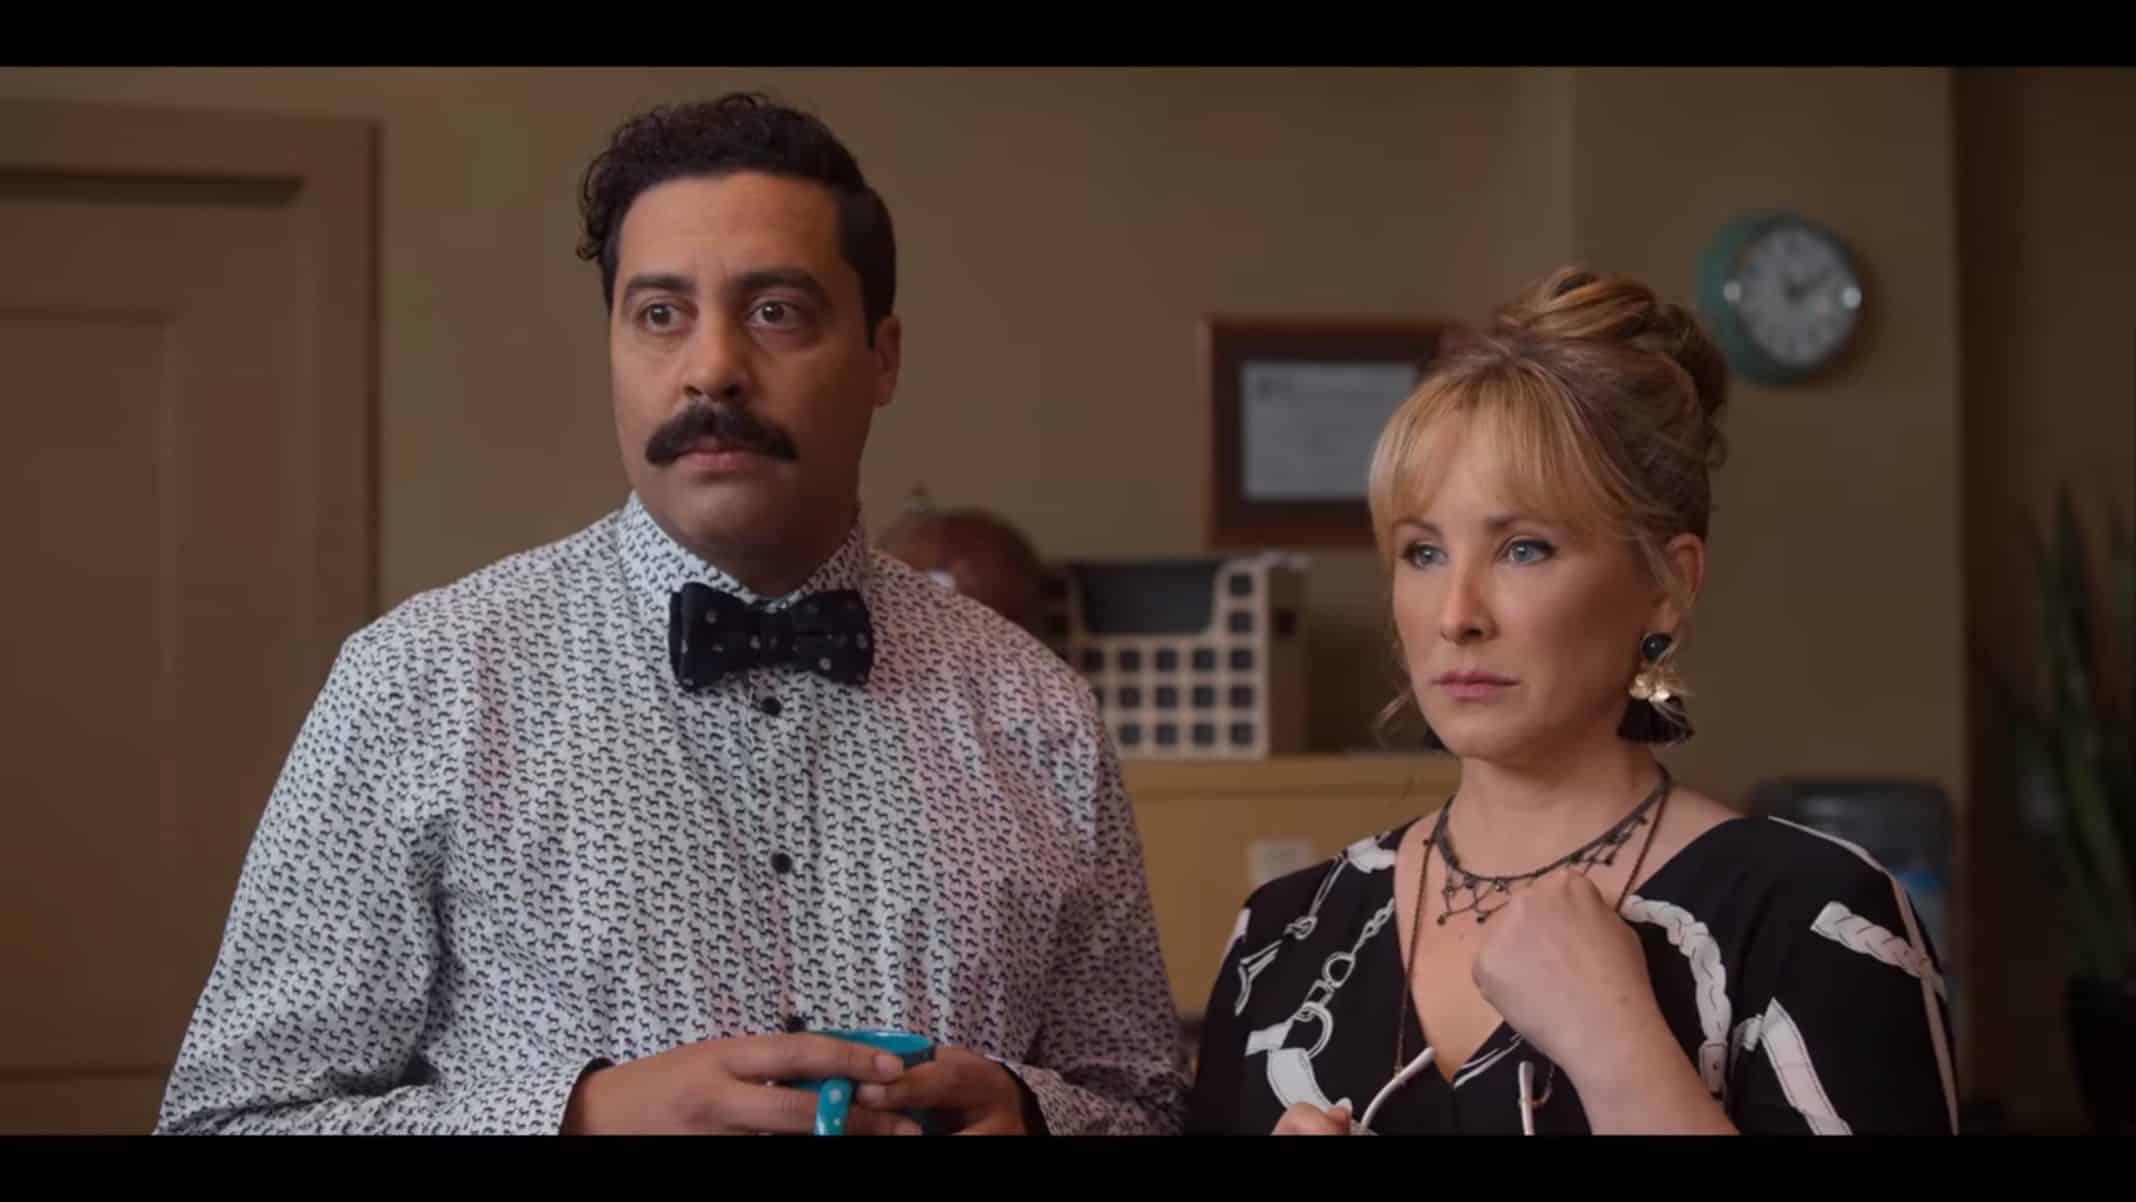 Roberto (Sean Amsing) and Denise (Lisa Durupt) looking at Susan.